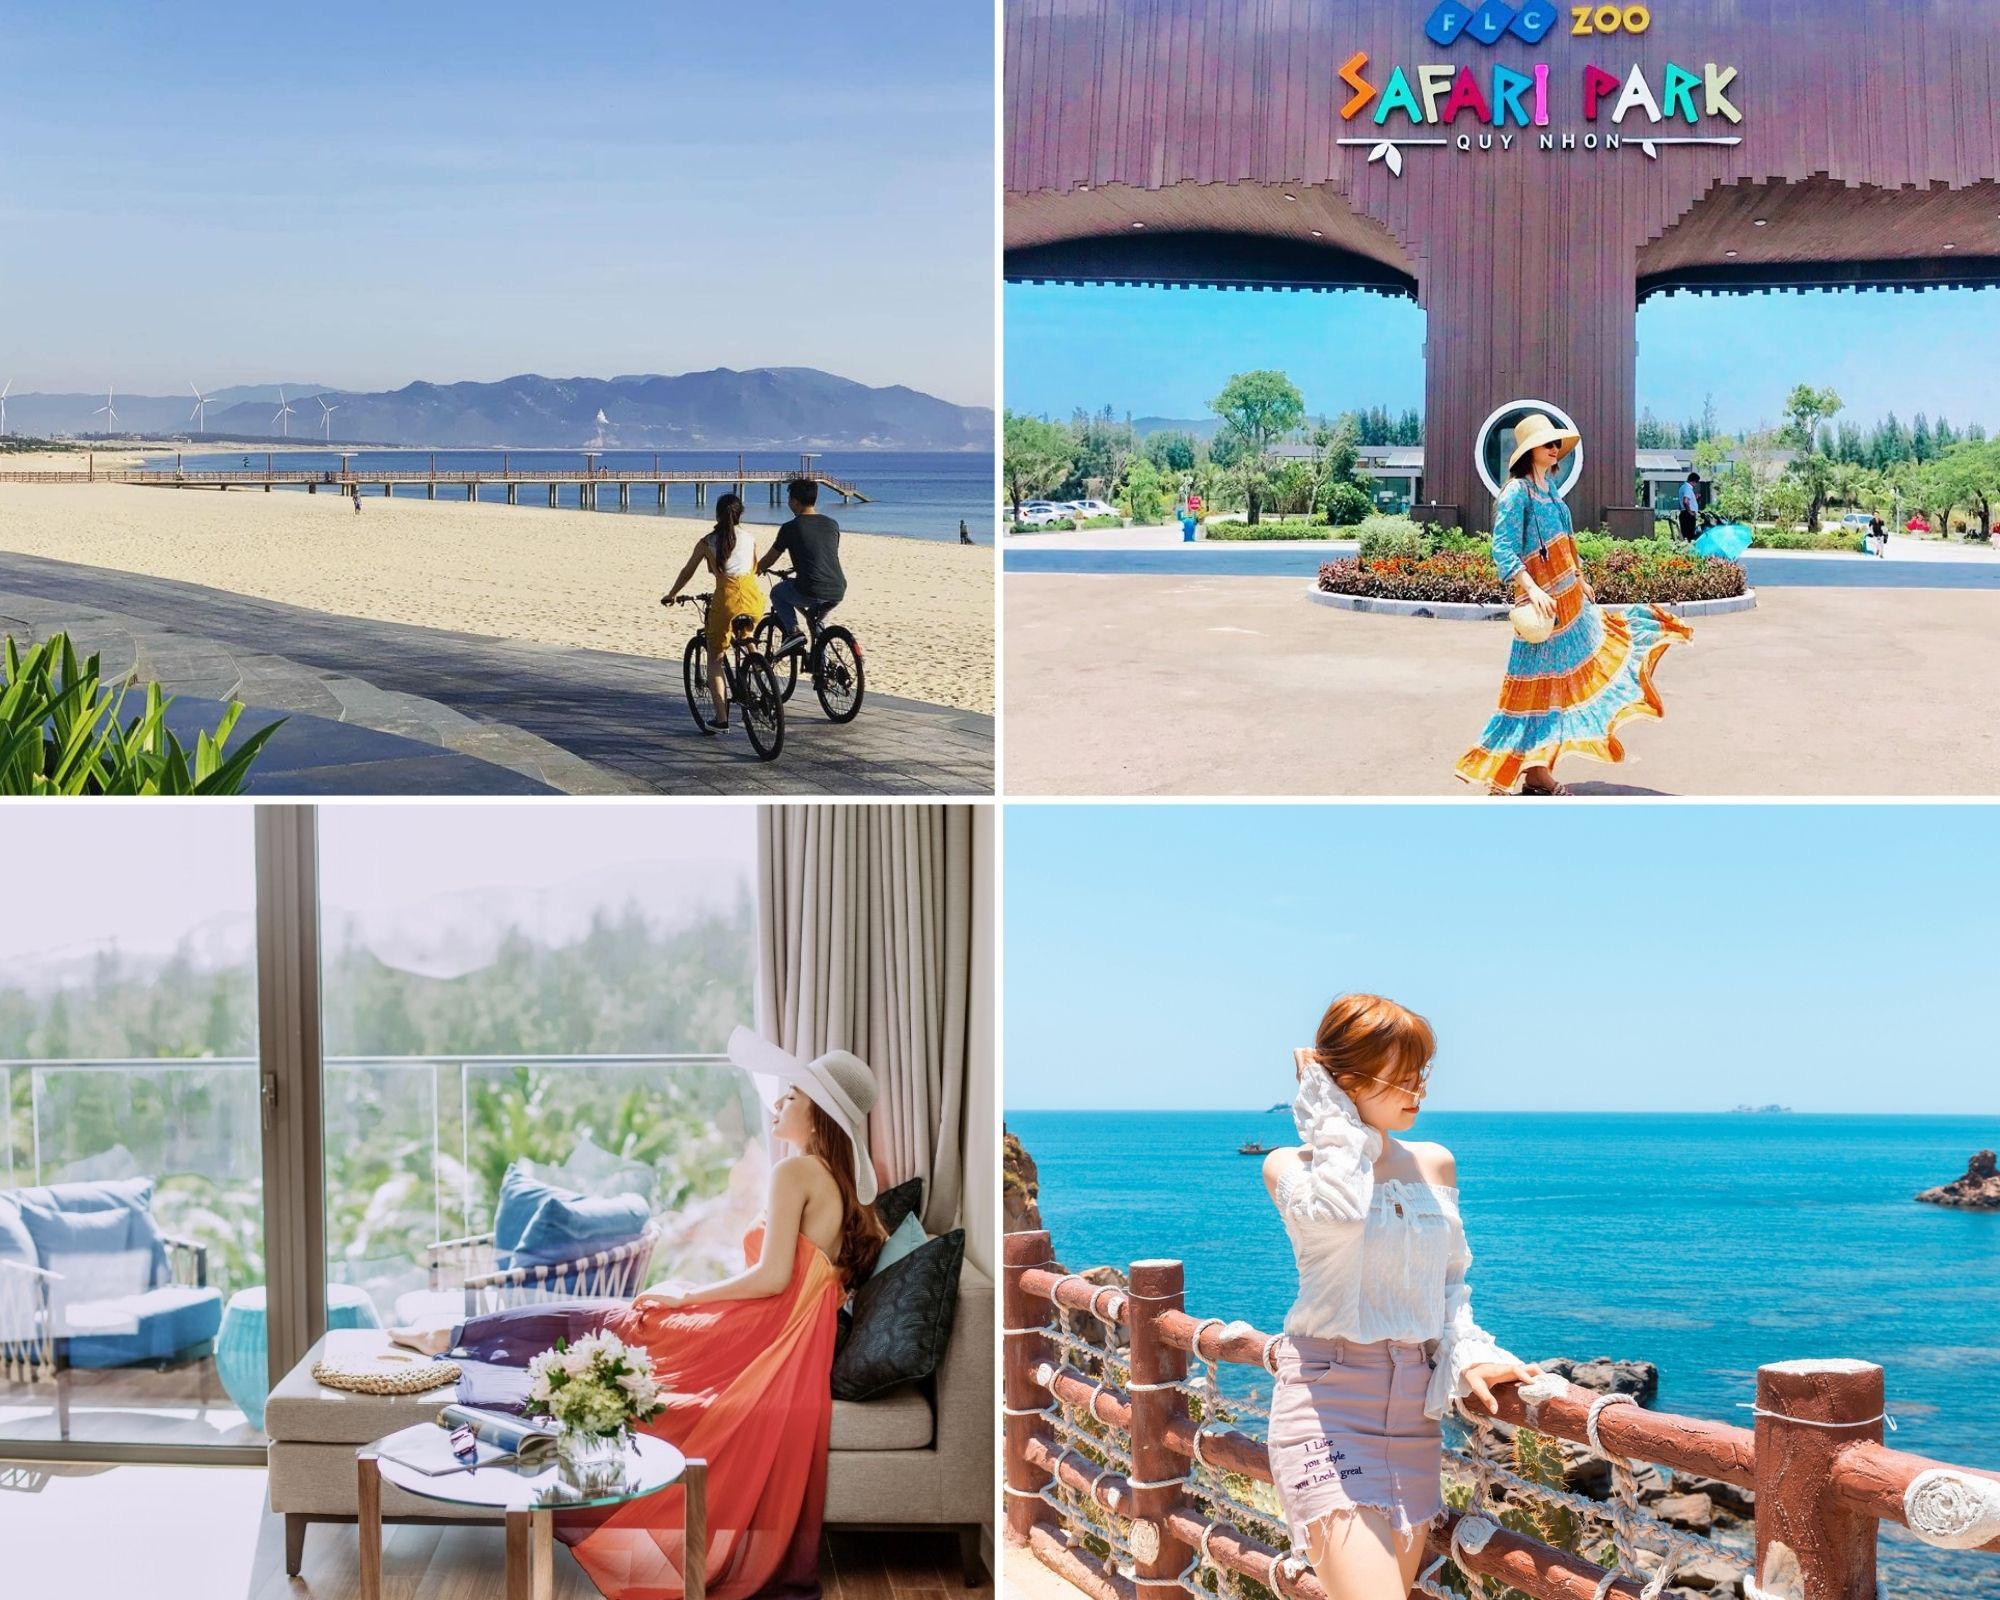 Đầu năm săn ngay loạt combo du lịch siêu ưu đãi: Nghỉ dưỡng resort 5 sao cực chất, chụp ảnh check-in mỏi tay - Ảnh 2.